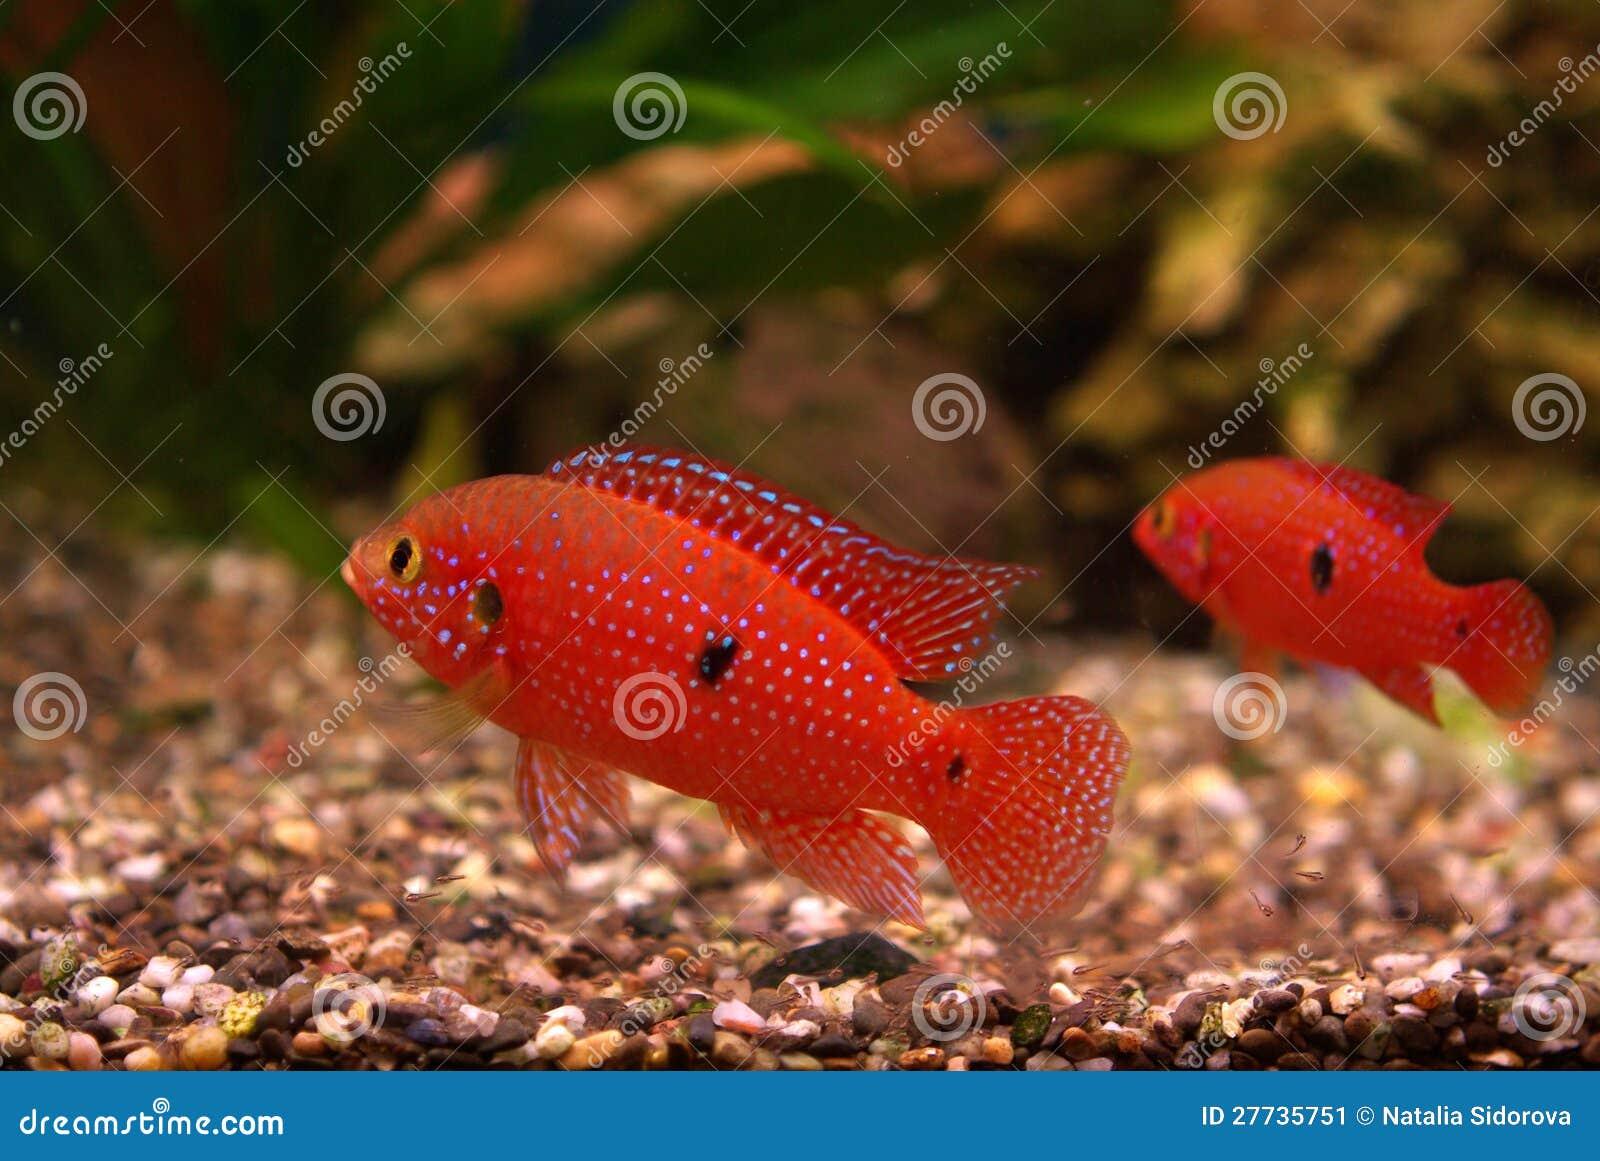 Cichlid im Aquarium